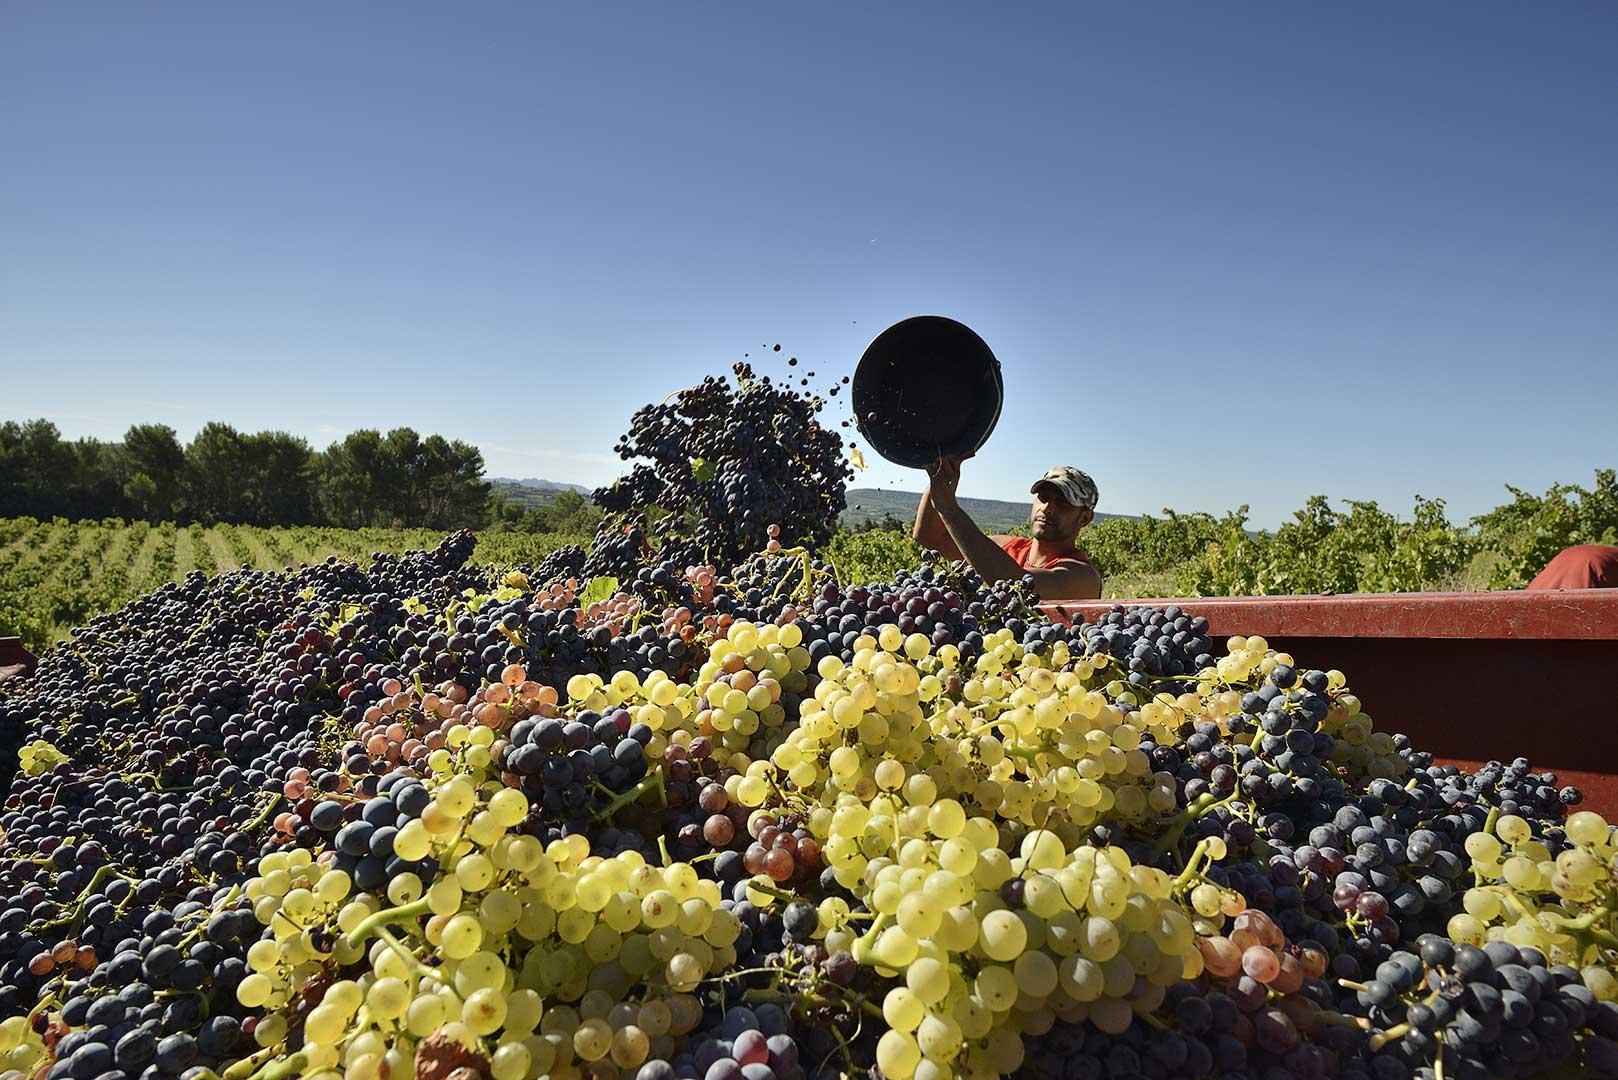 vendanges à la main, raisins blancs et rouges, vendangeur, sud, Vinsobres, photo Emmanuel Perrin